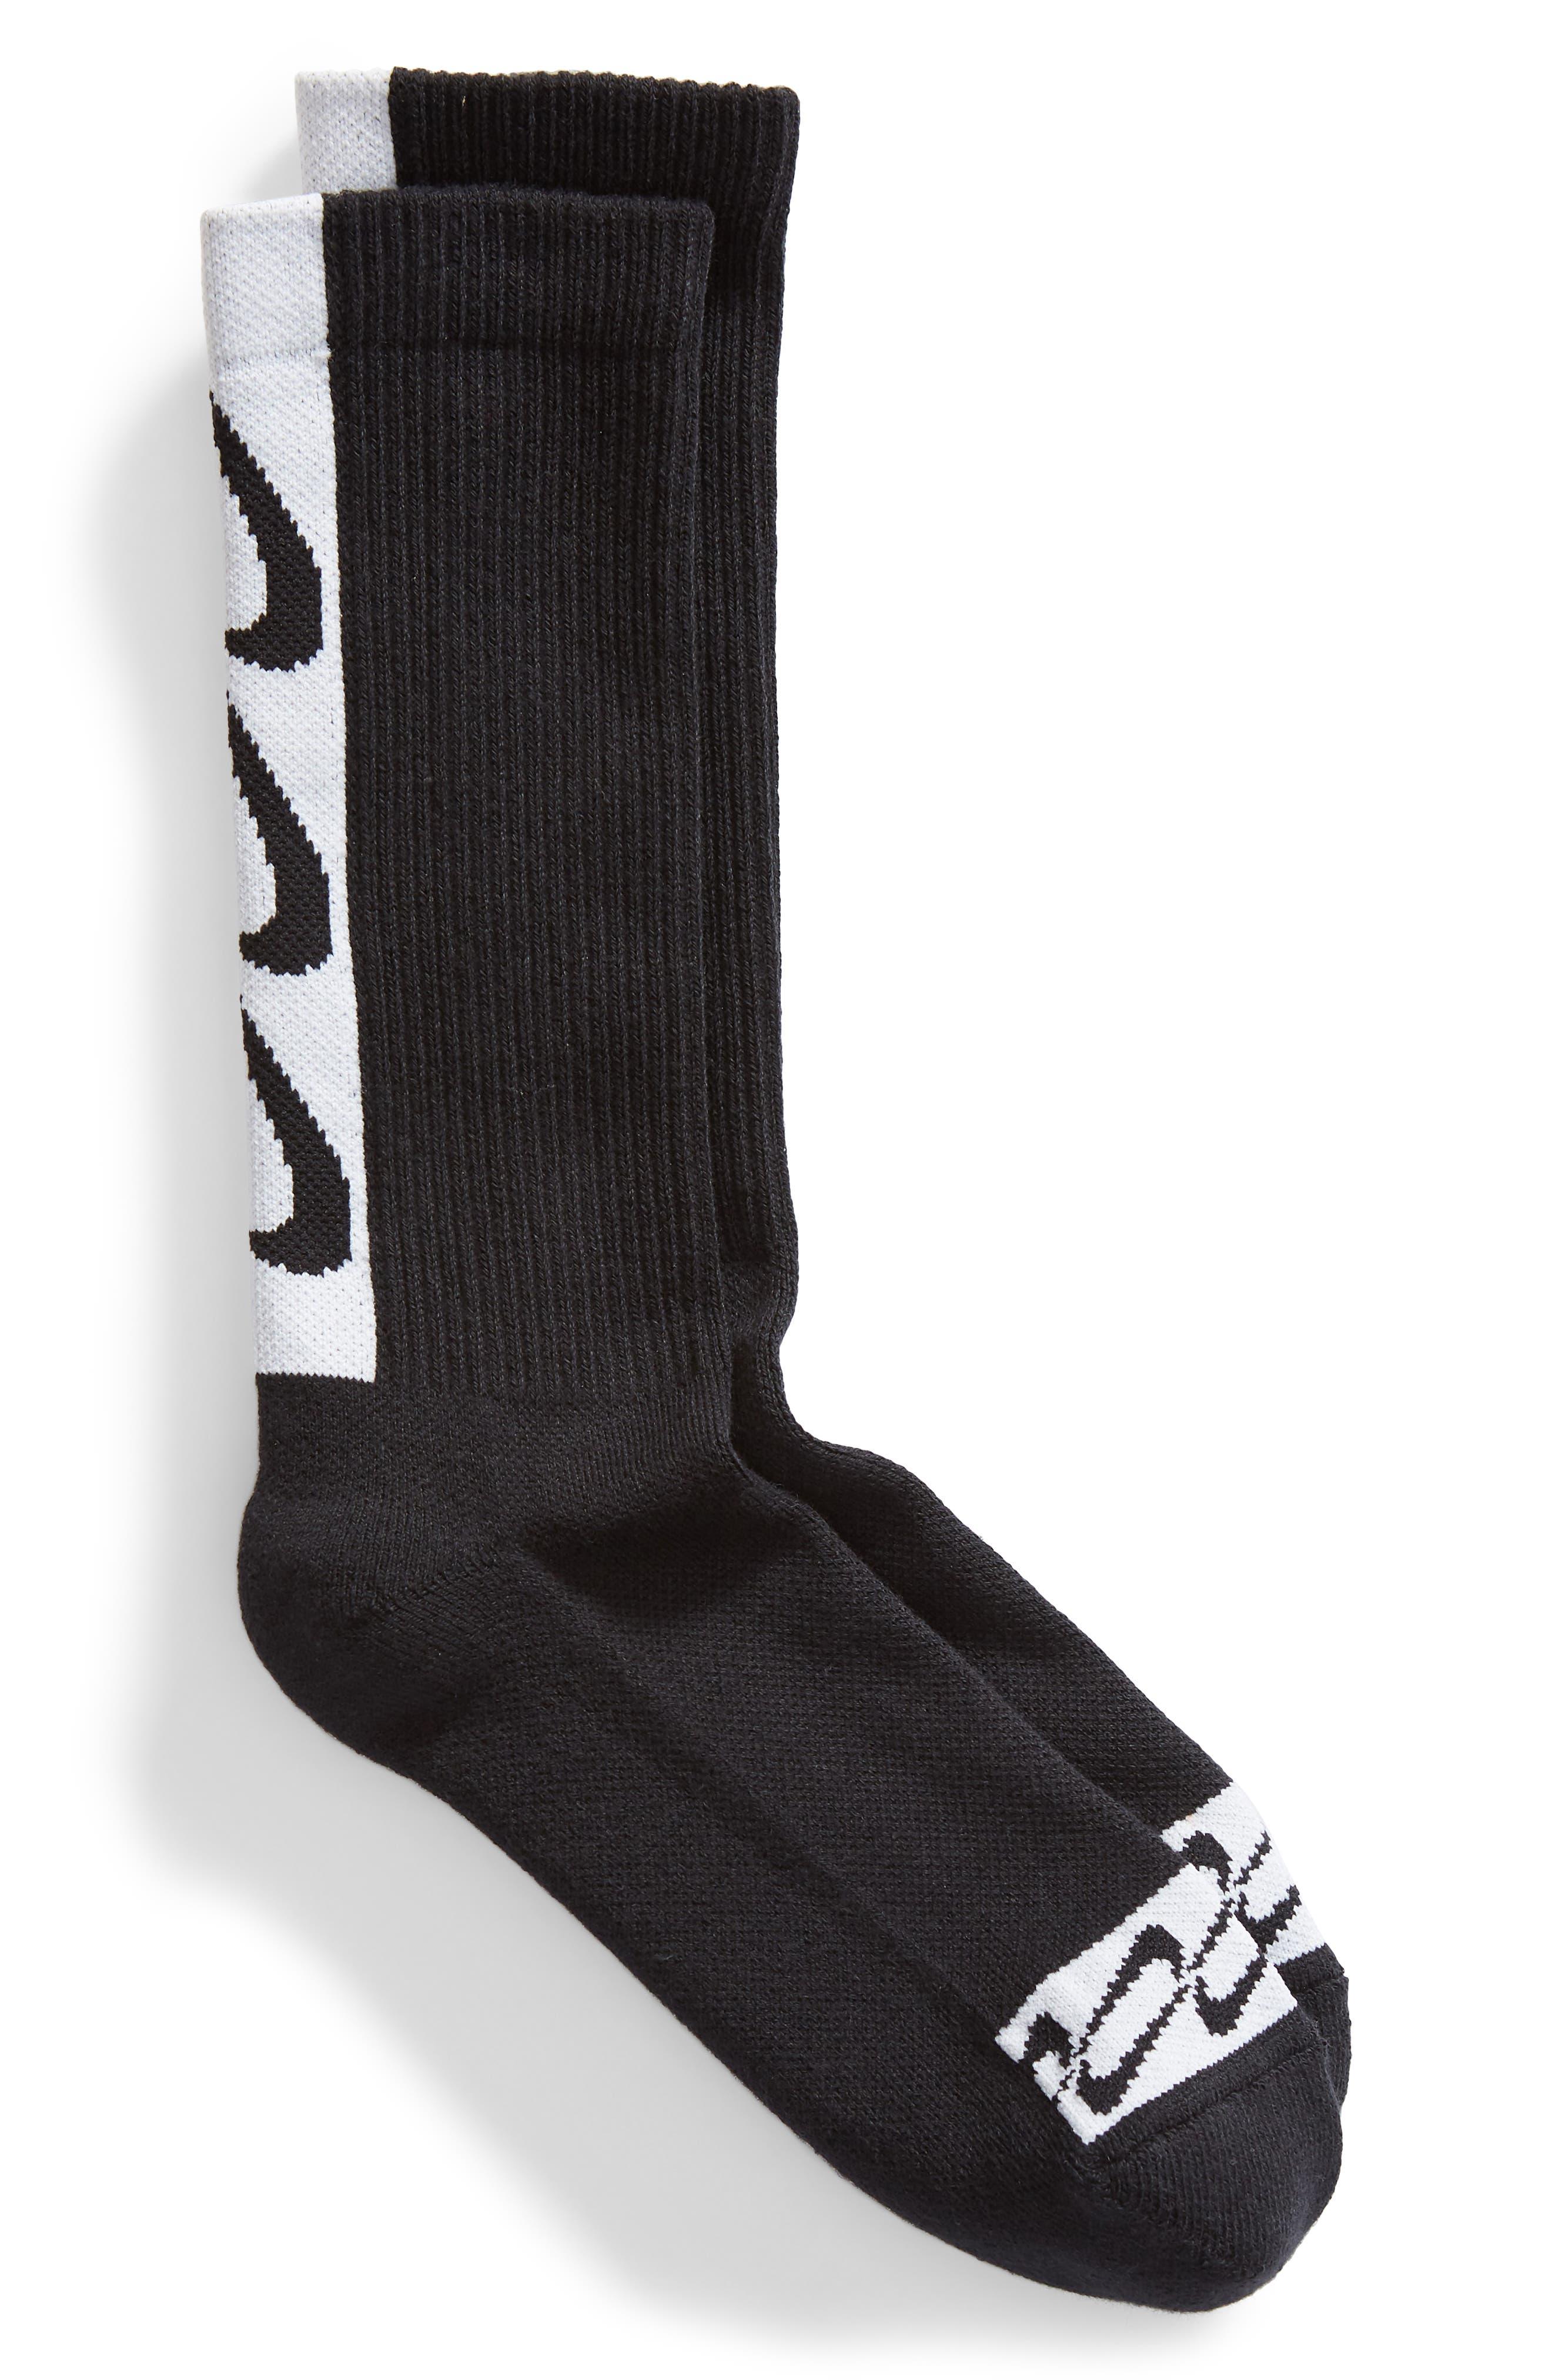 NRG Unisex Dri-FIT Socks,                             Main thumbnail 1, color,                             010